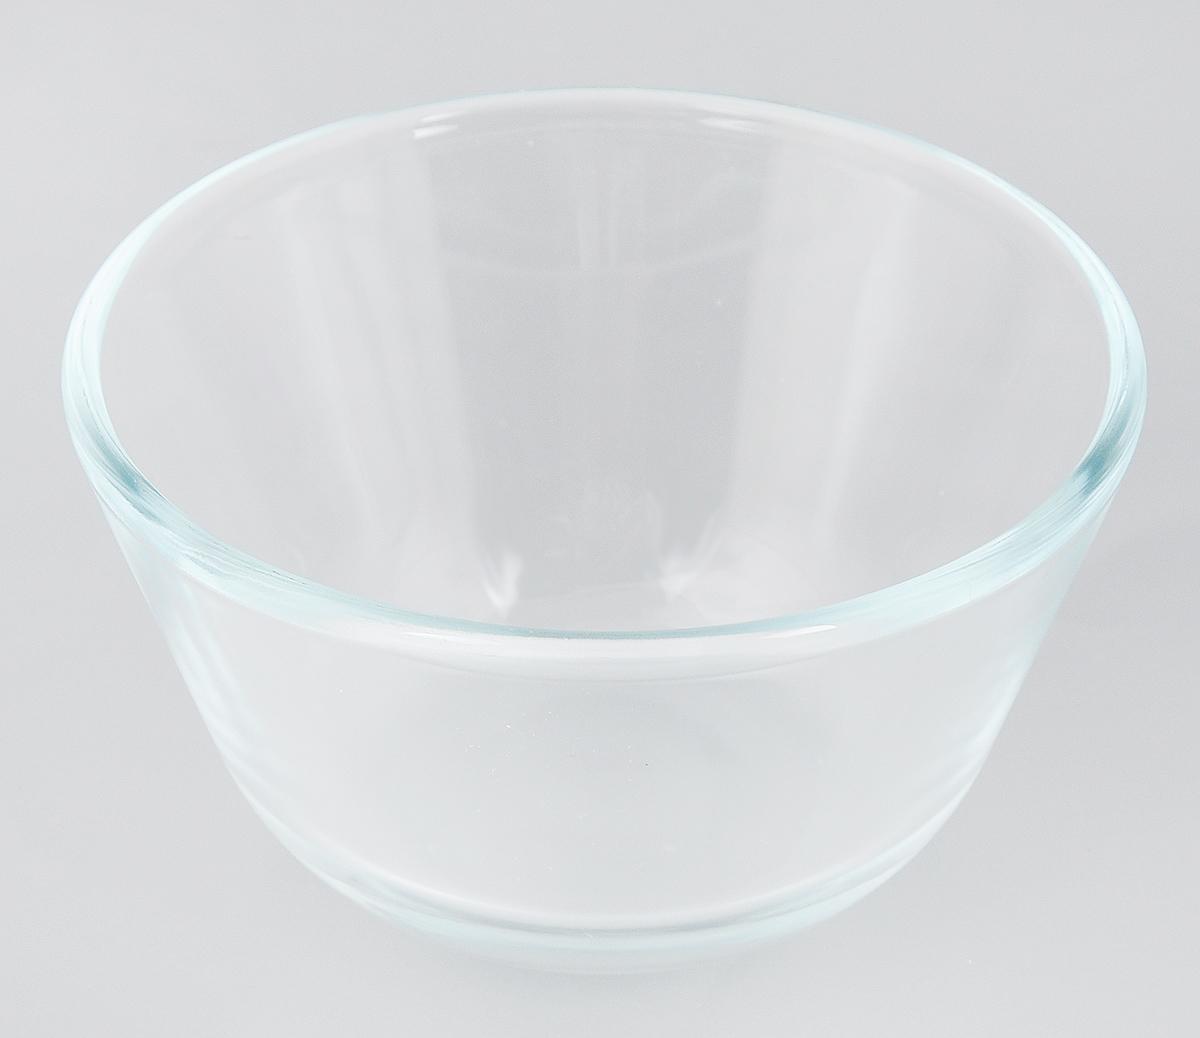 """Миска """"Sсovo"""" изготовлена из термостойкого и экологически чистого стекла. Предназначена для  приготовления пищи в духовке, жарочном шкафу и  микроволновой печи. Миска прекрасно подойдет для хранения и замораживания различных  продуктов, а также для сервировки и декоративного оформления  праздничного стола. Миска """"Sсovo"""" станет незаменимым аксессуаром на кухне для любой хозяйки. Можно мыть в посудомоечной машине.  Высота стенки: 6,5 см.  Диаметр миски (по верхнему краю): 12,5 см."""